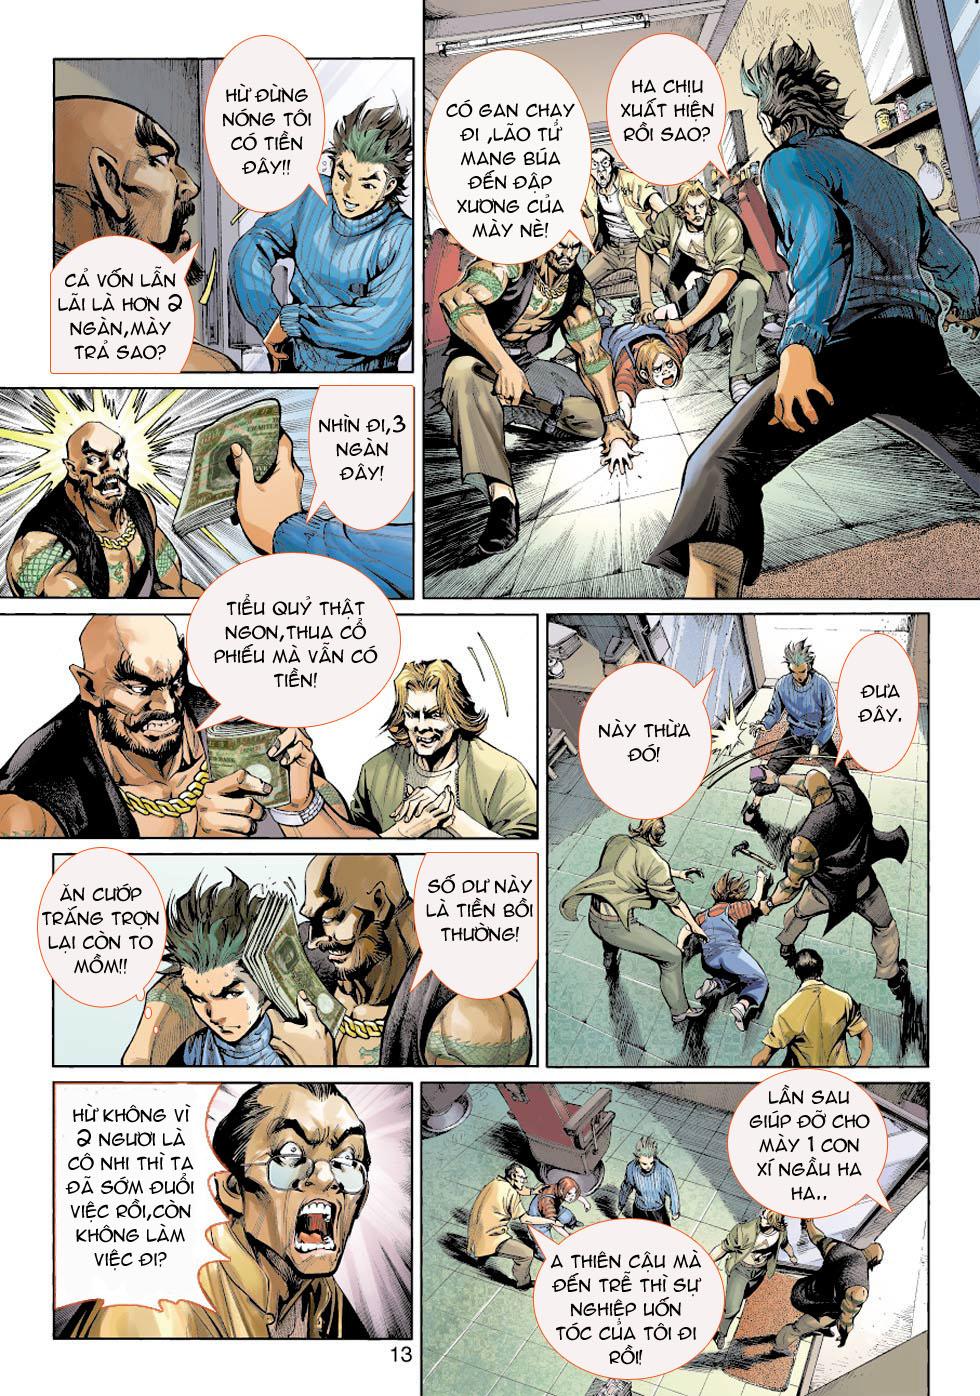 Thần Binh 4 chap 5 - Trang 13